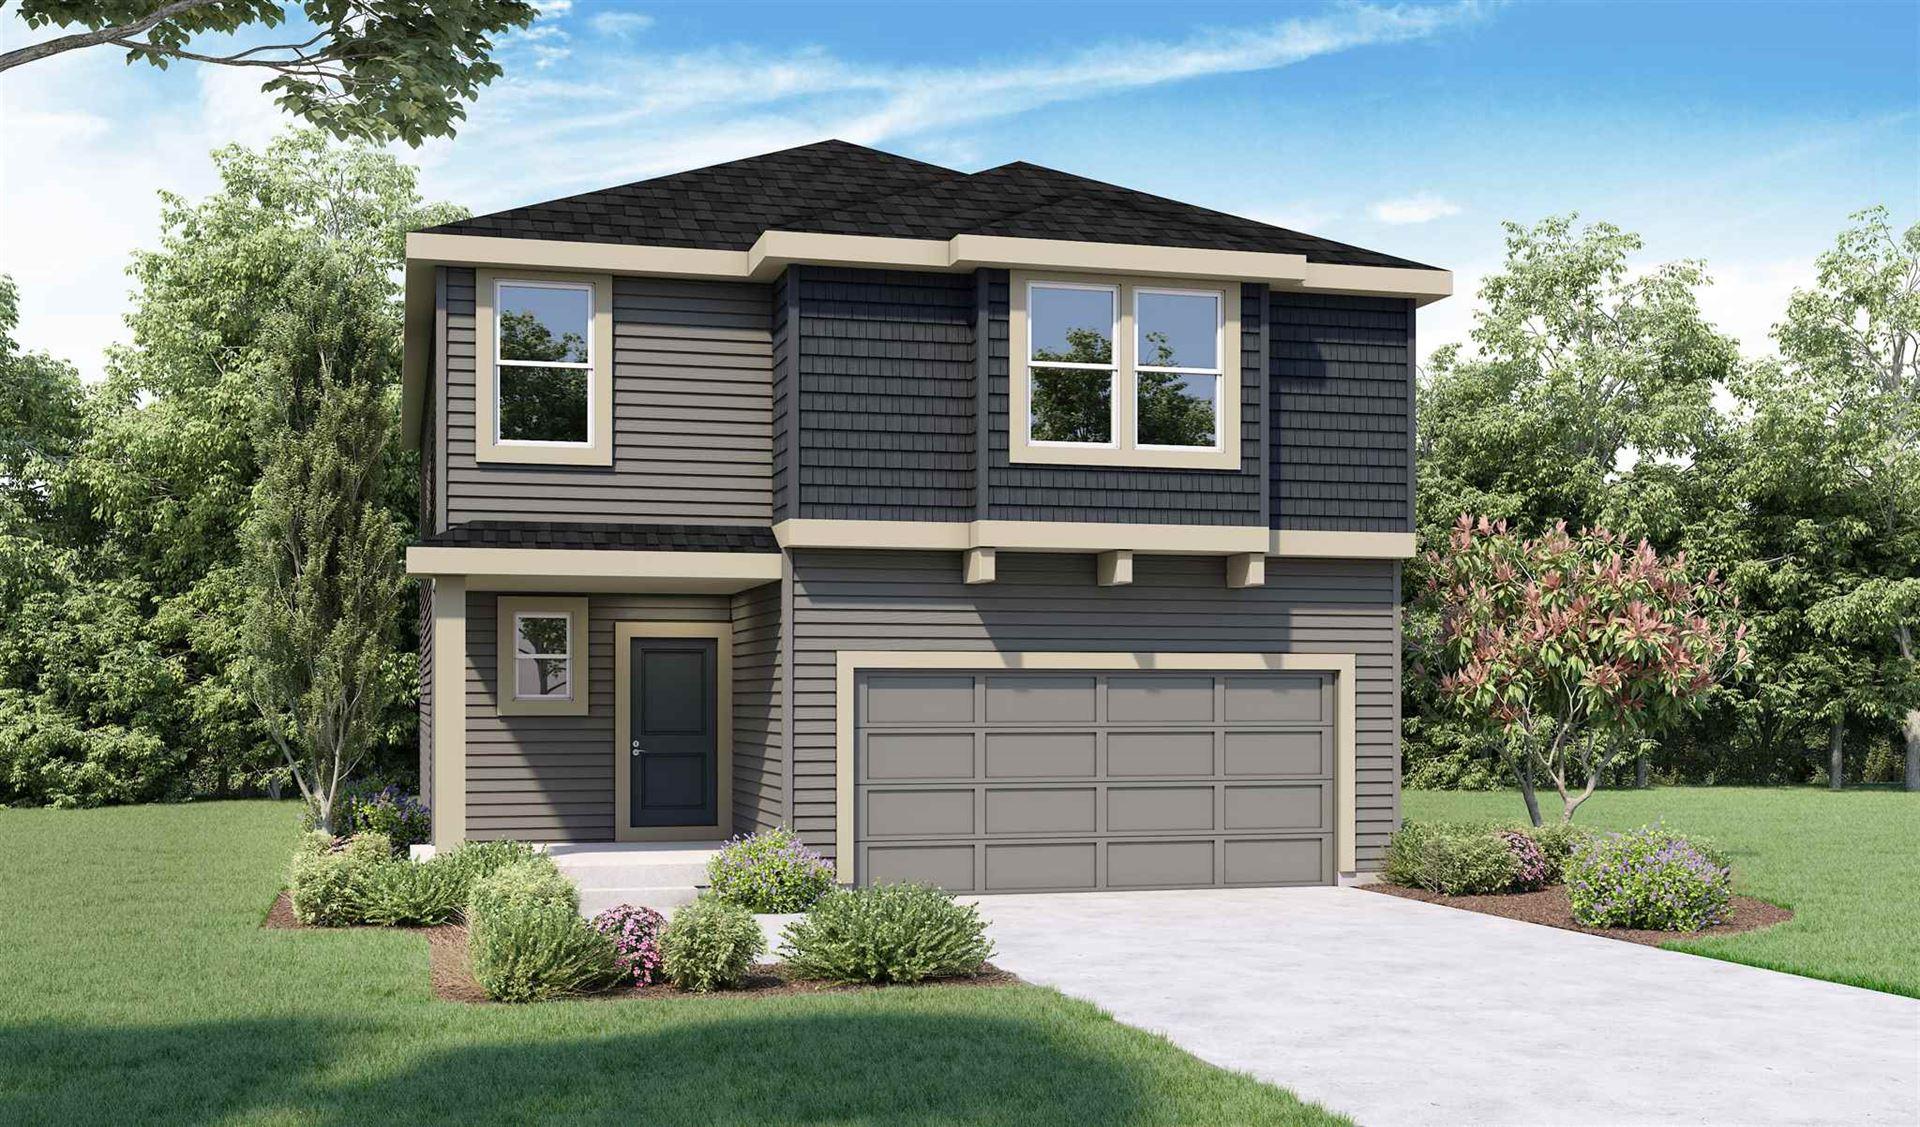 3238 N McKinnon Rd, Spokane, WA 99217 - #: 202113681